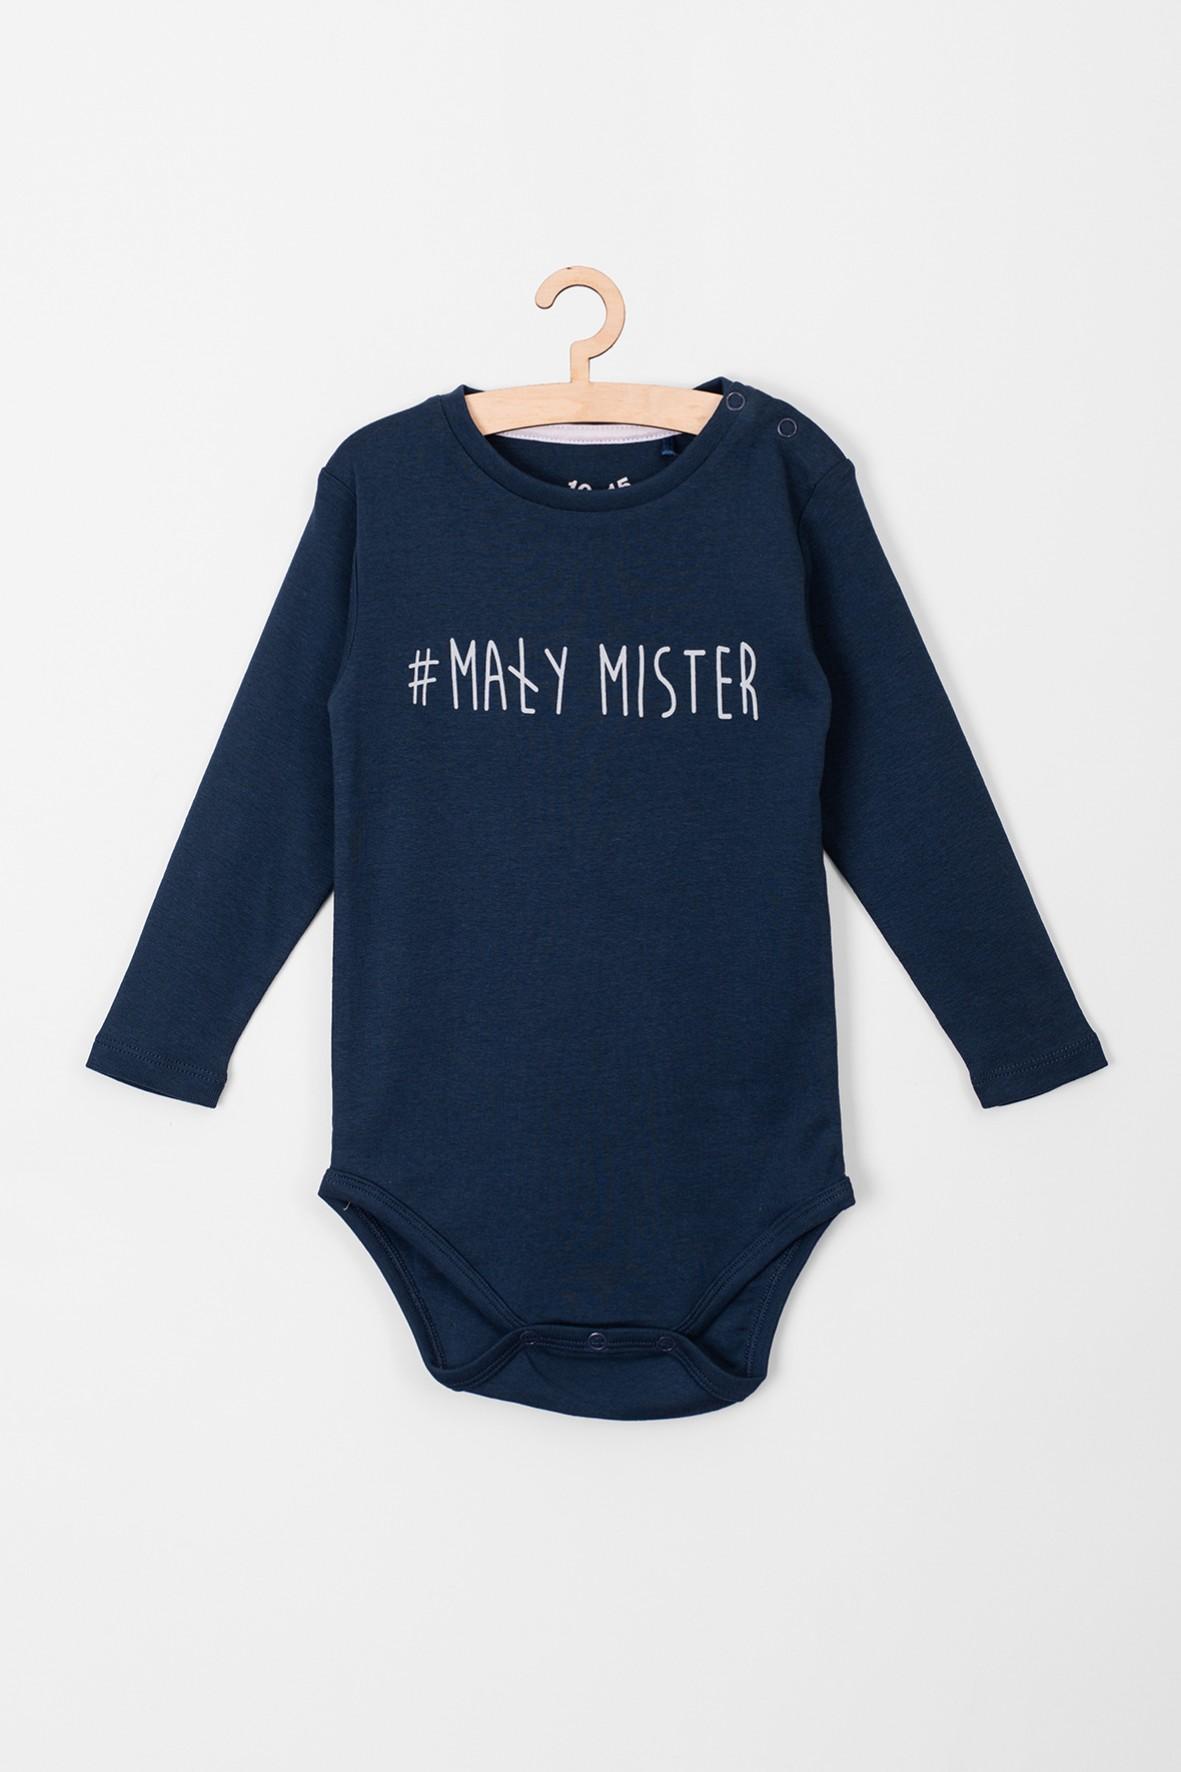 Body chłopięce z długim rękawem #mały mister